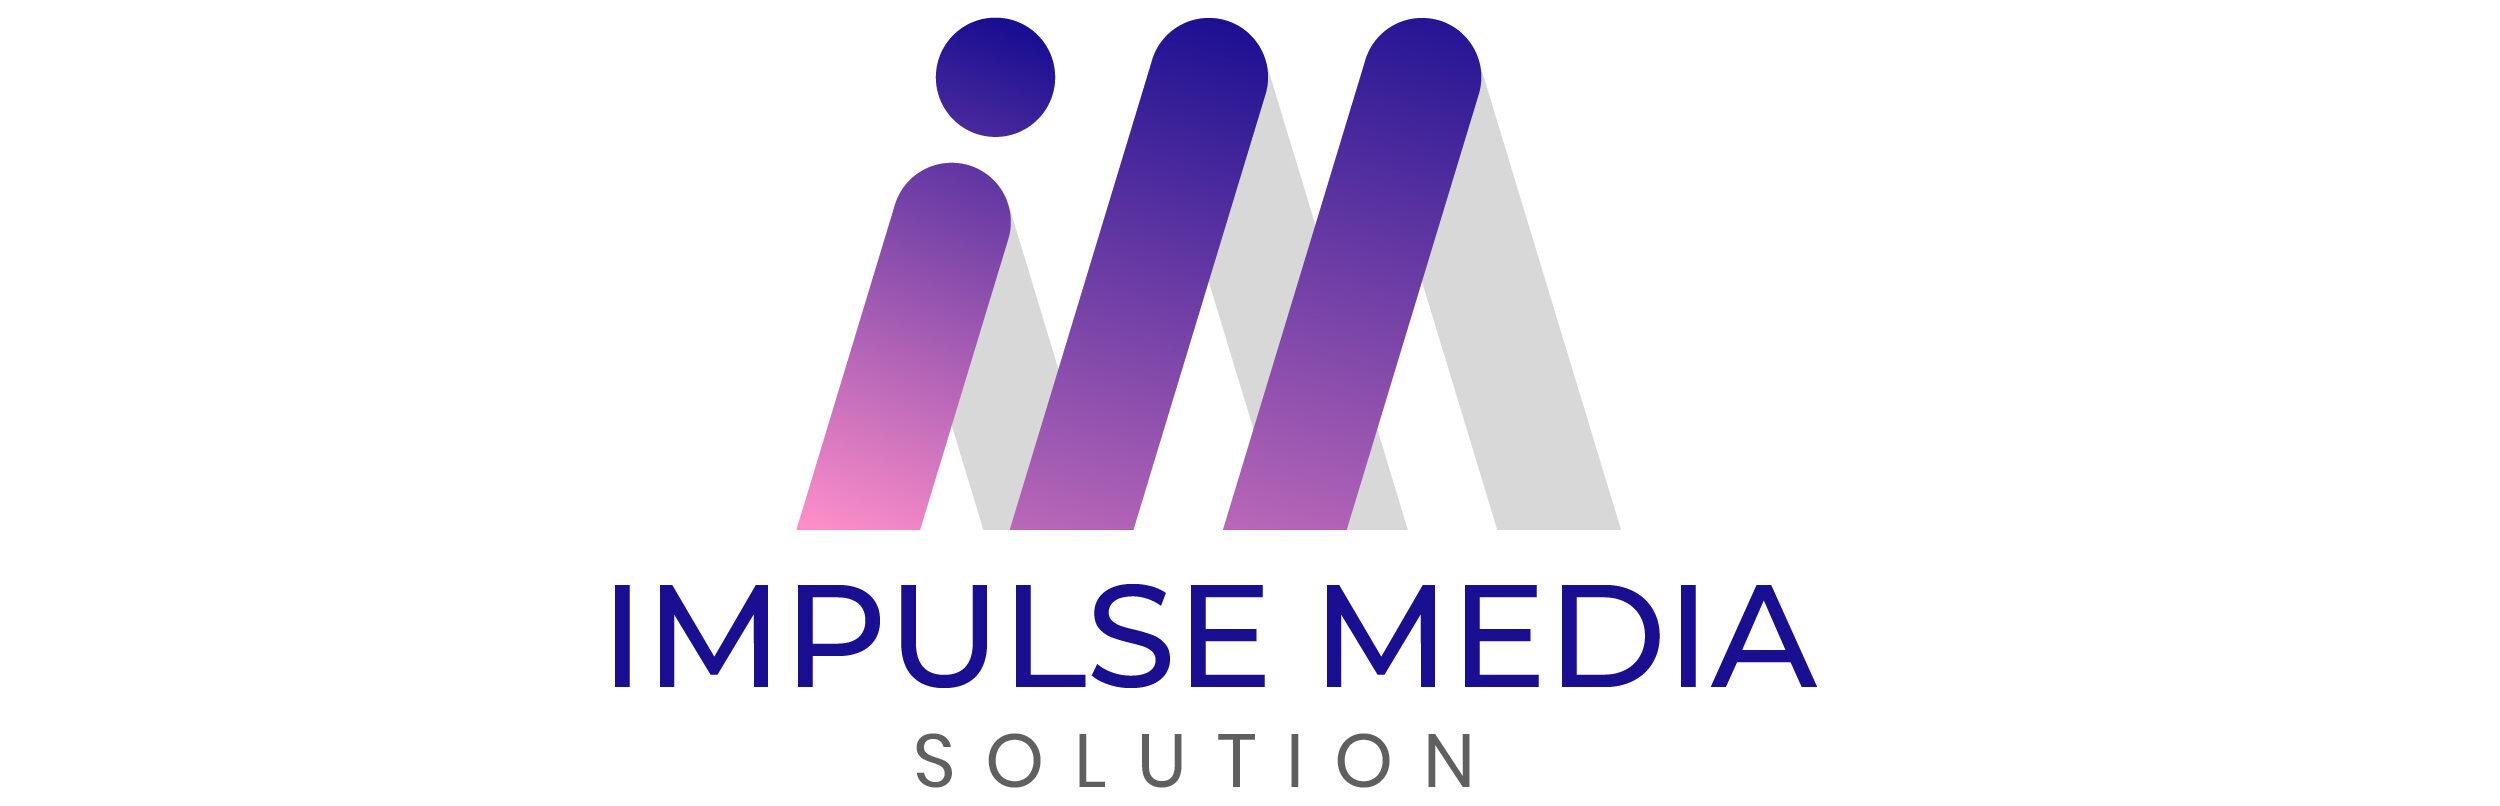 Impulse Media Solution